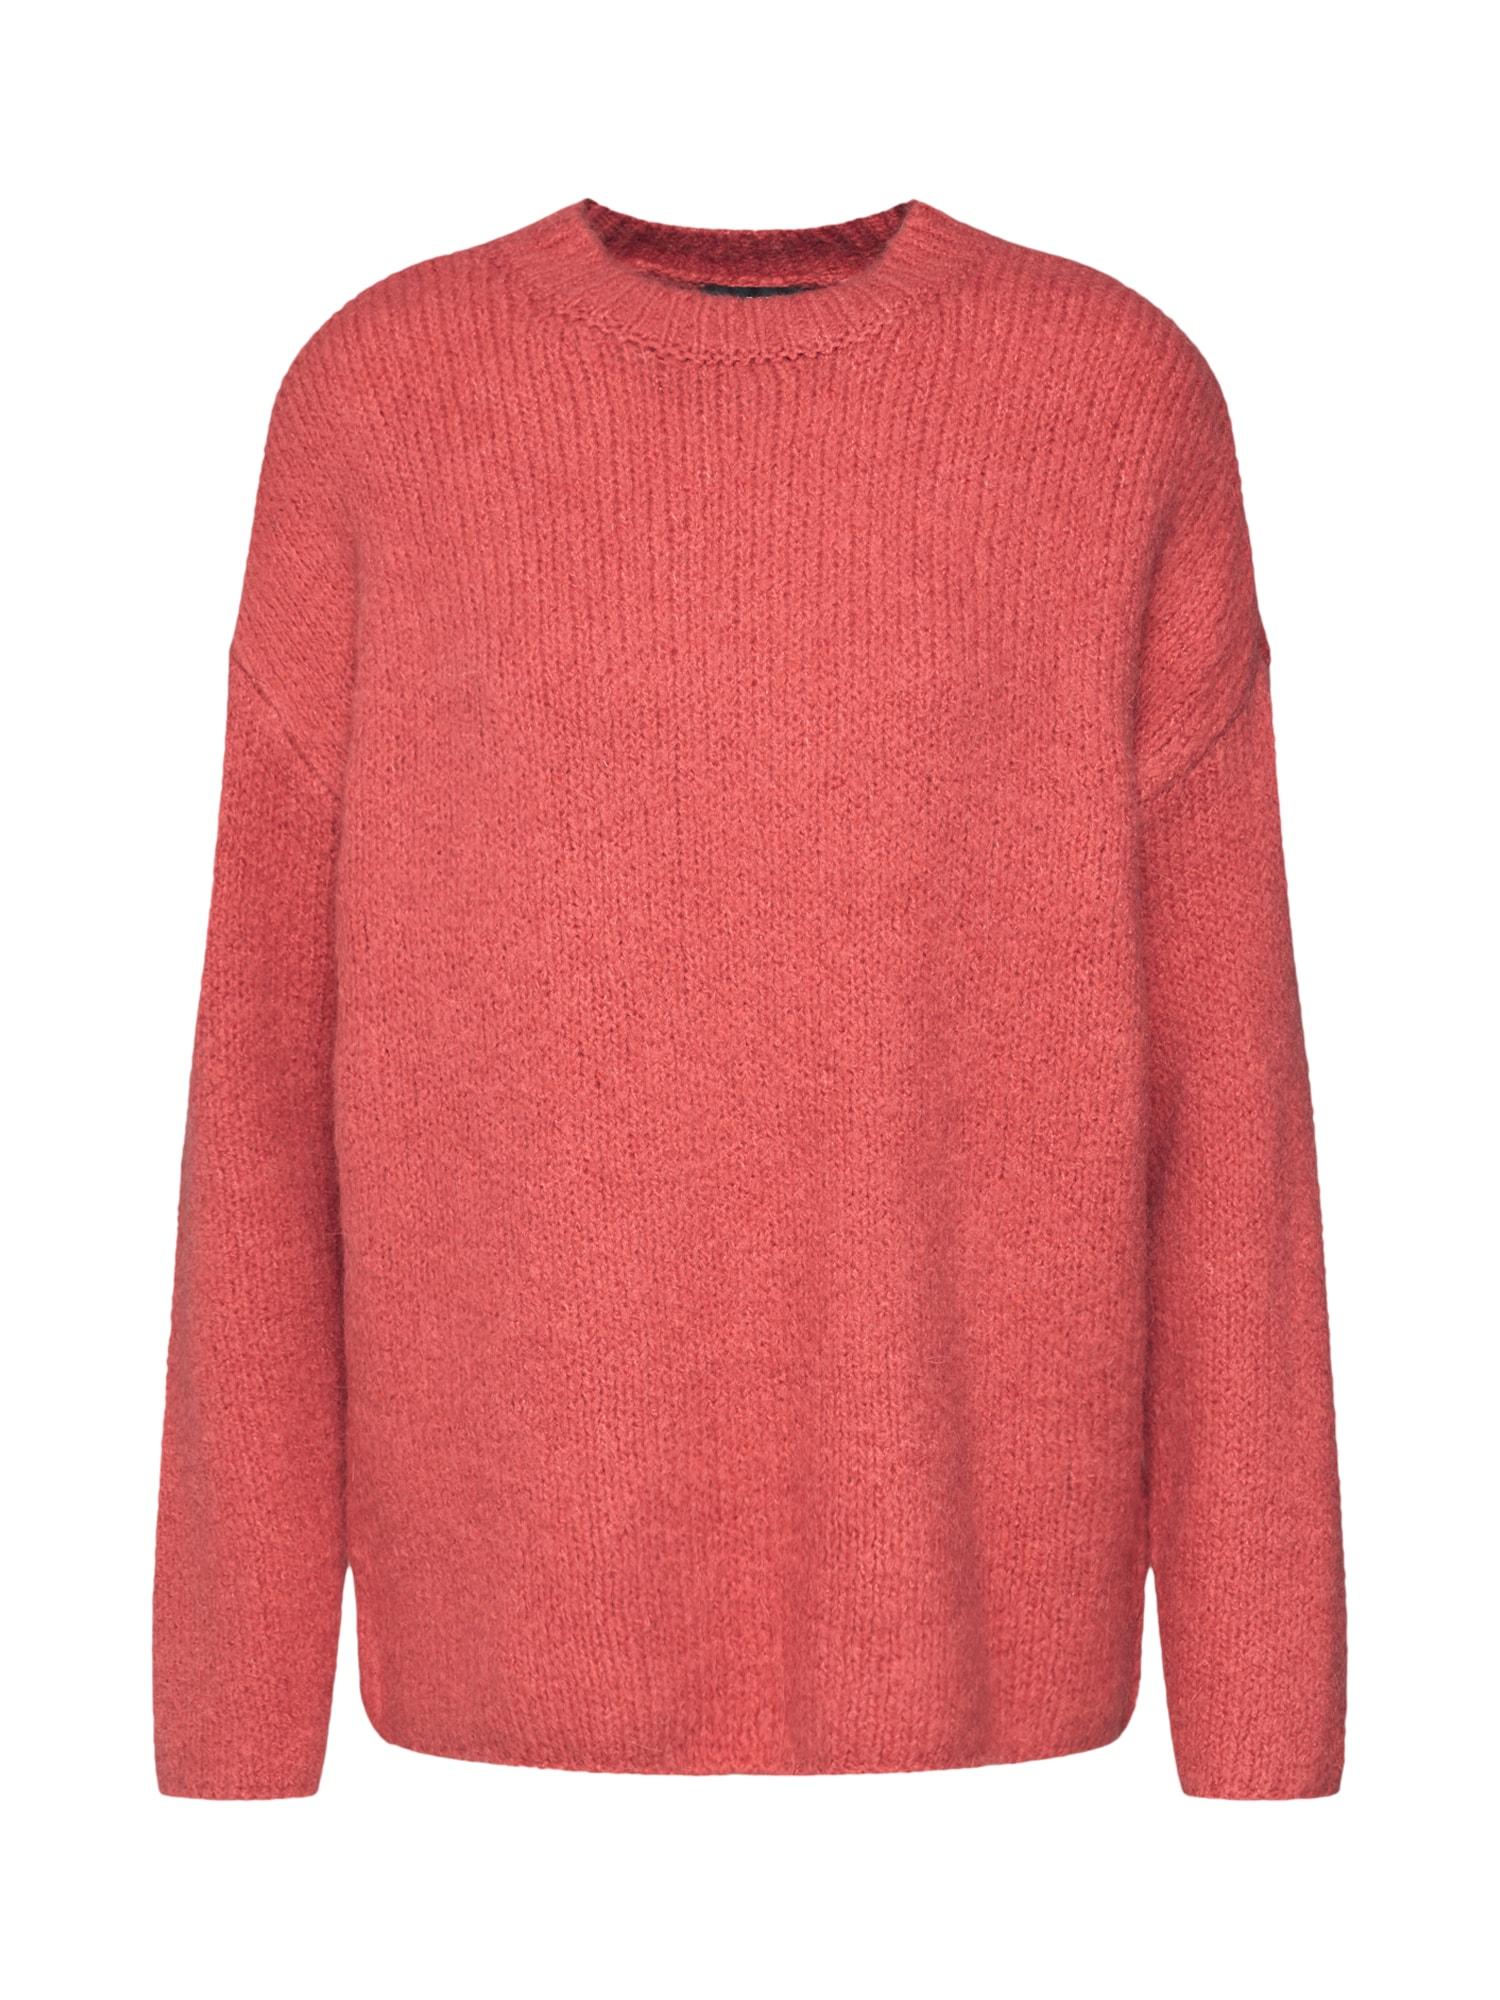 Svetr Slfregina LS Knit O-Neck pastelově červená SELECTED FEMME